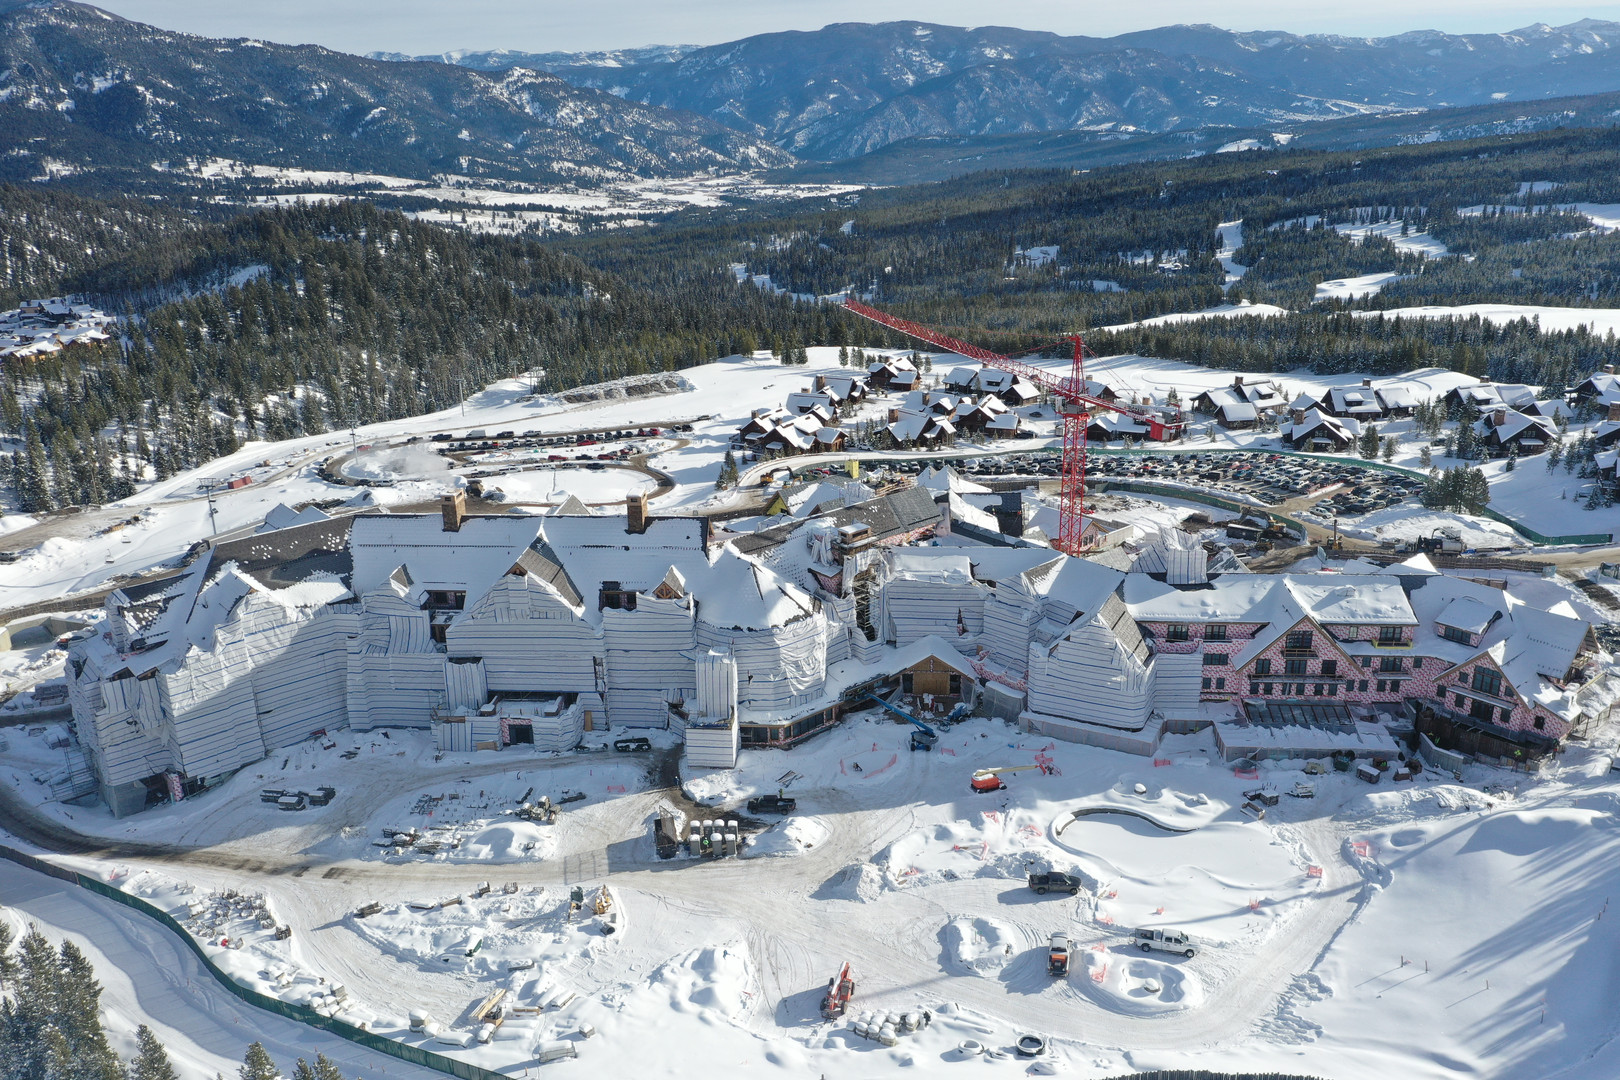 West Side Ski Aerial